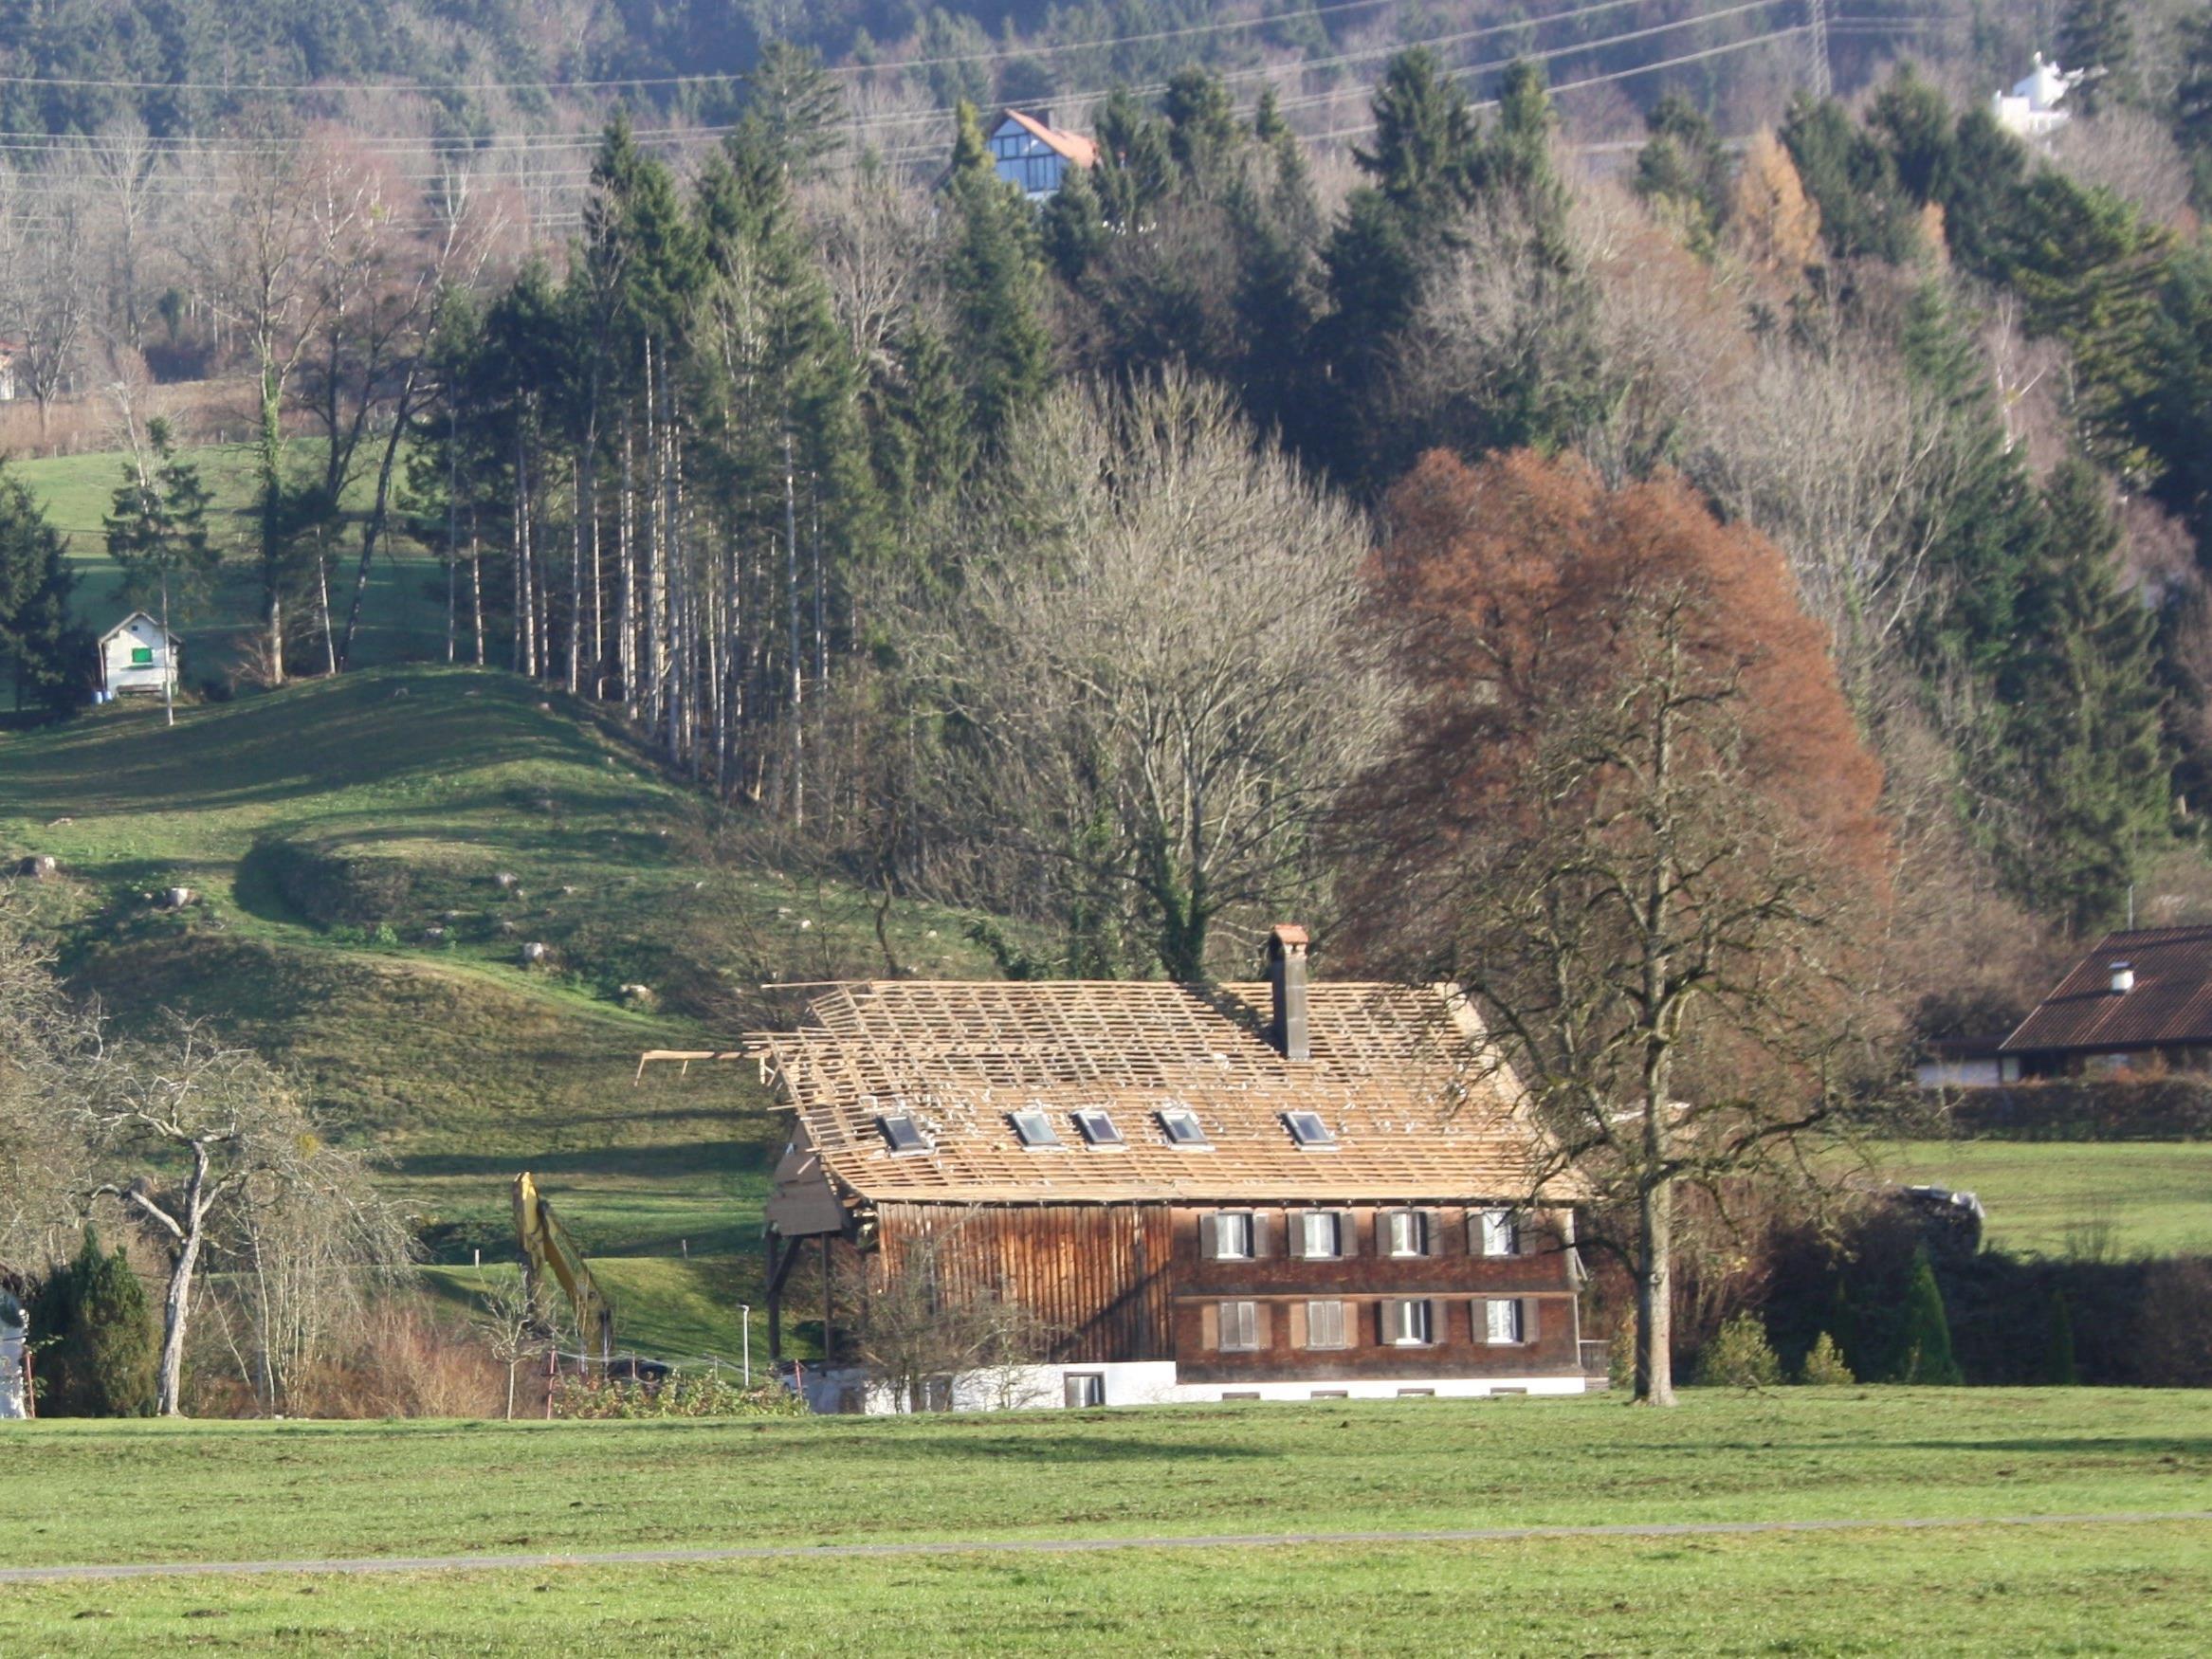 """Nach dem Abbruch der """"Hofenmühle"""" (Schwendeweg 20) errichtet die Firma Barta Projektbau an diesem historischen Ort ein zweistöckiges Mehrfamilienwohnhaus."""